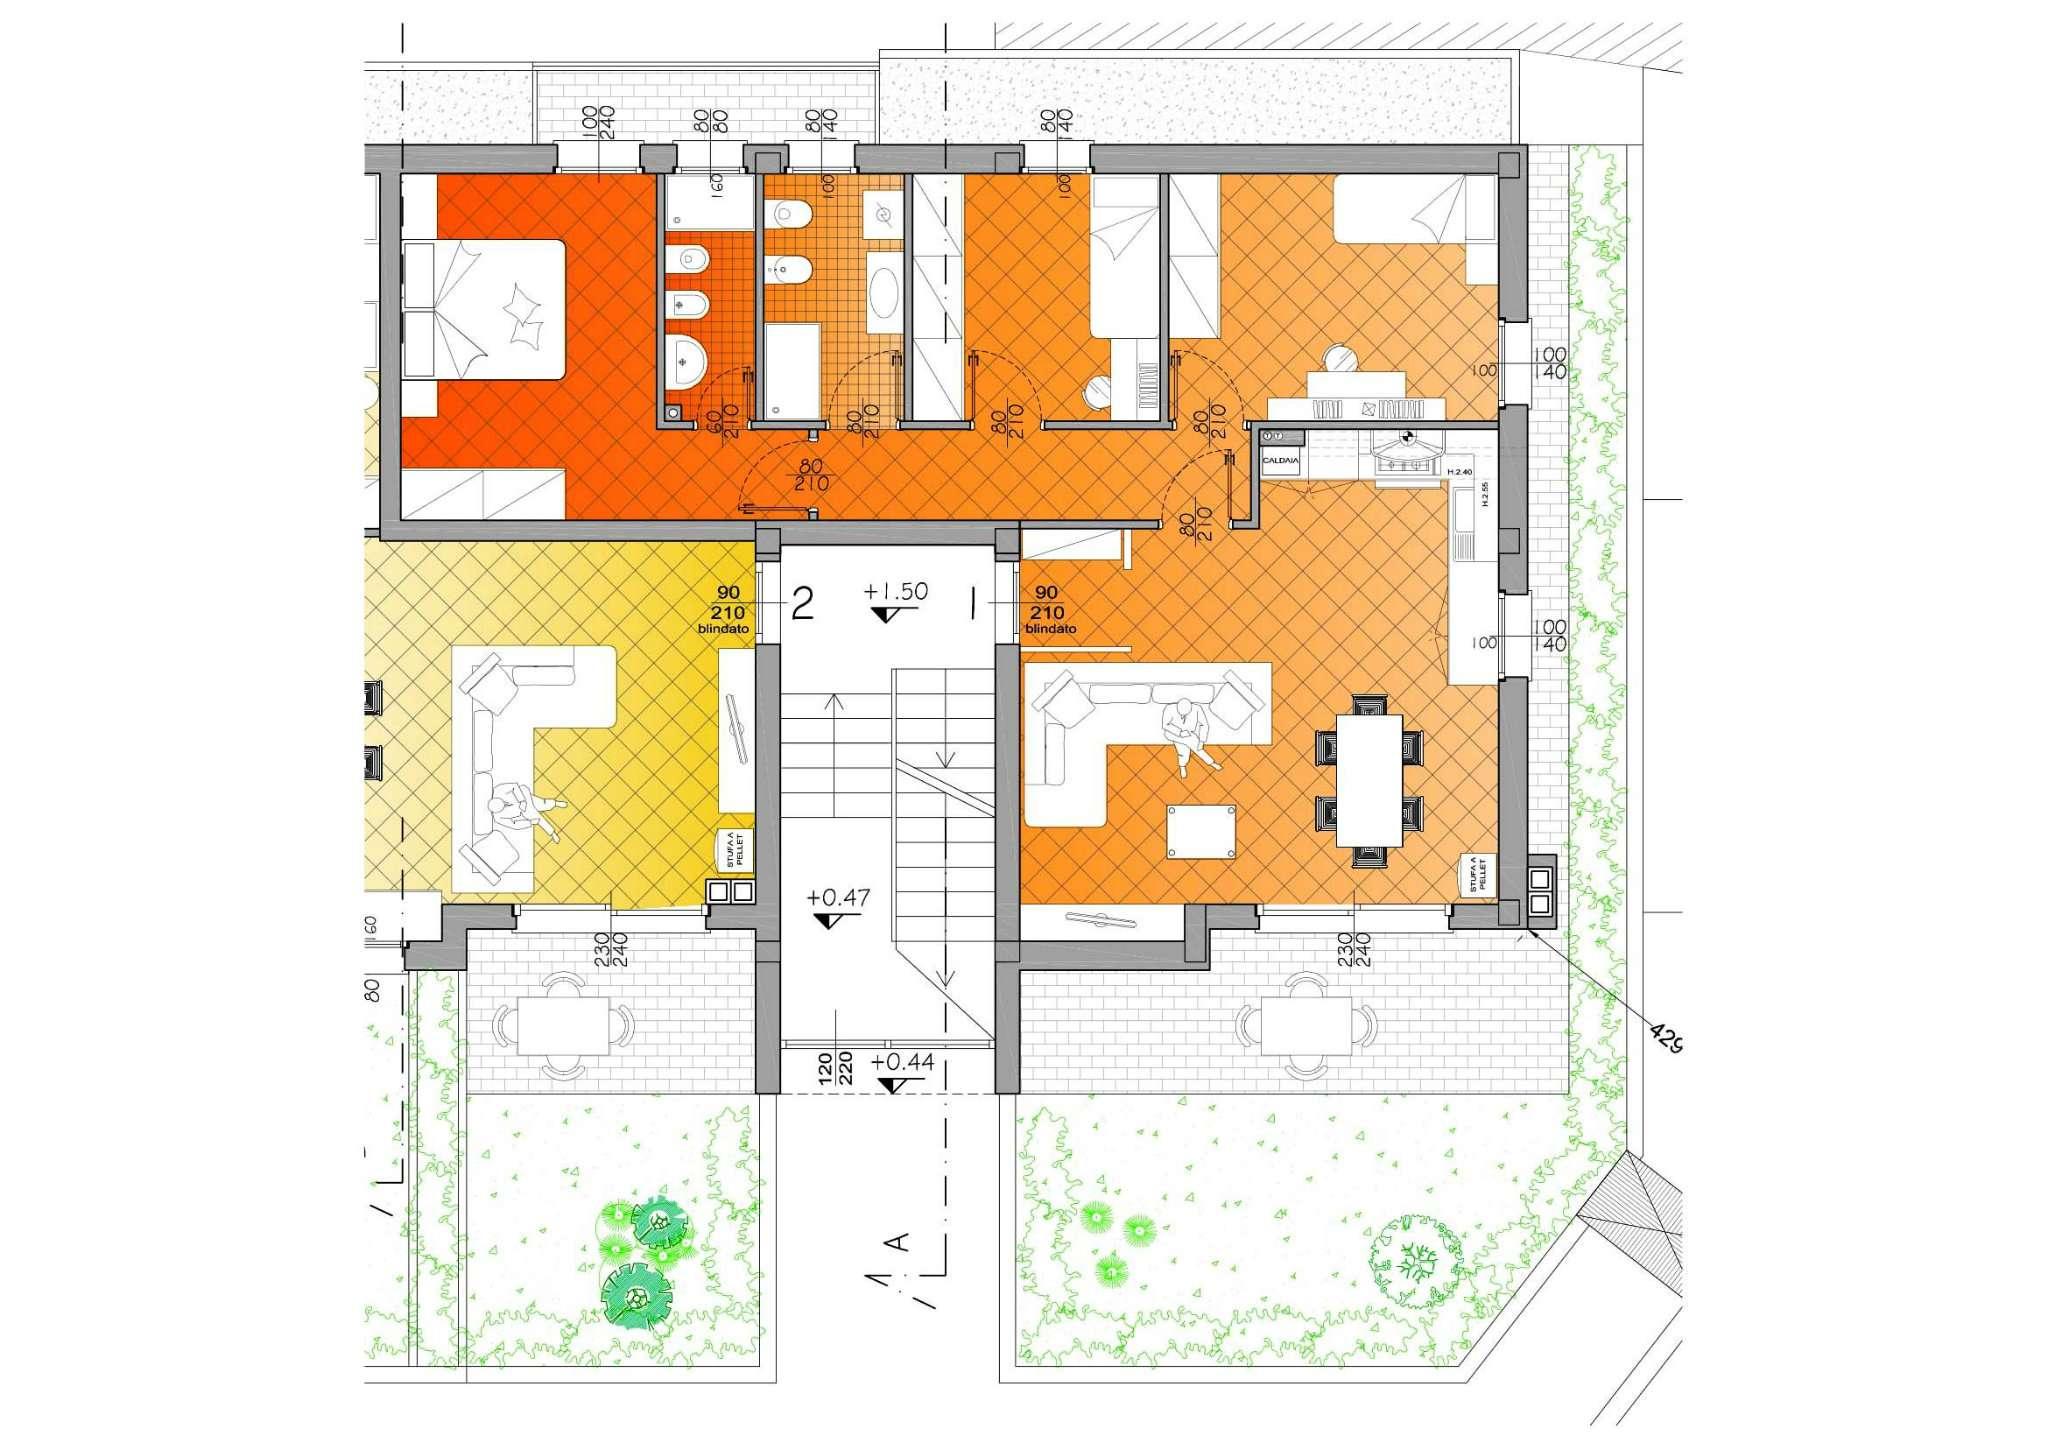 Appartamento in vendita a Edolo, 5 locali, prezzo € 157.000 | CambioCasa.it